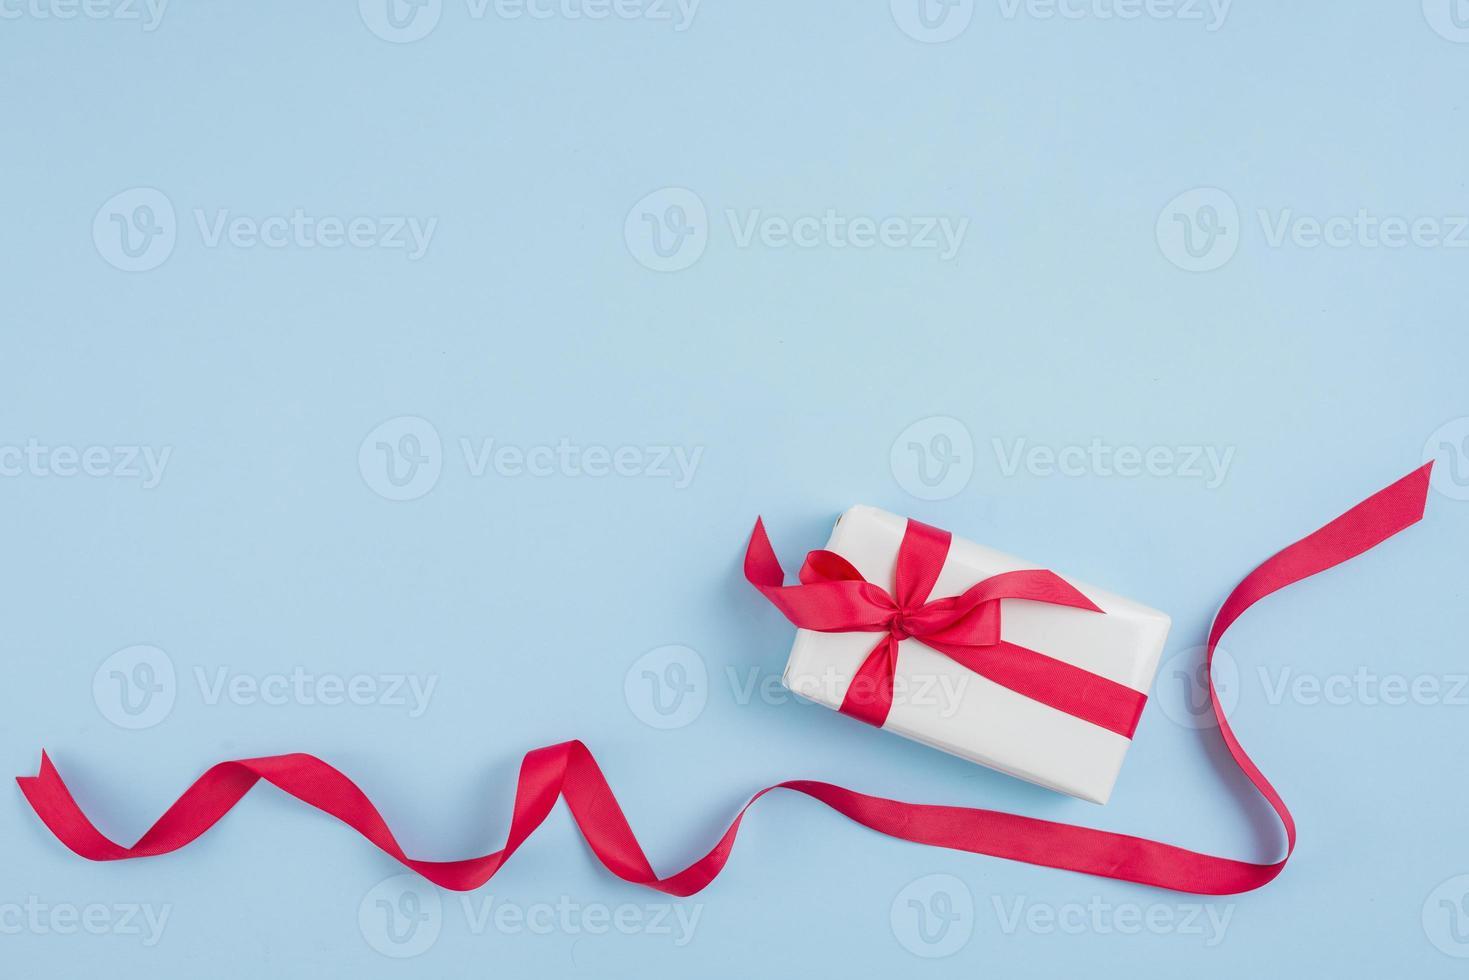 nastro rosso vicino a confezione regalo su sfondo blu foto